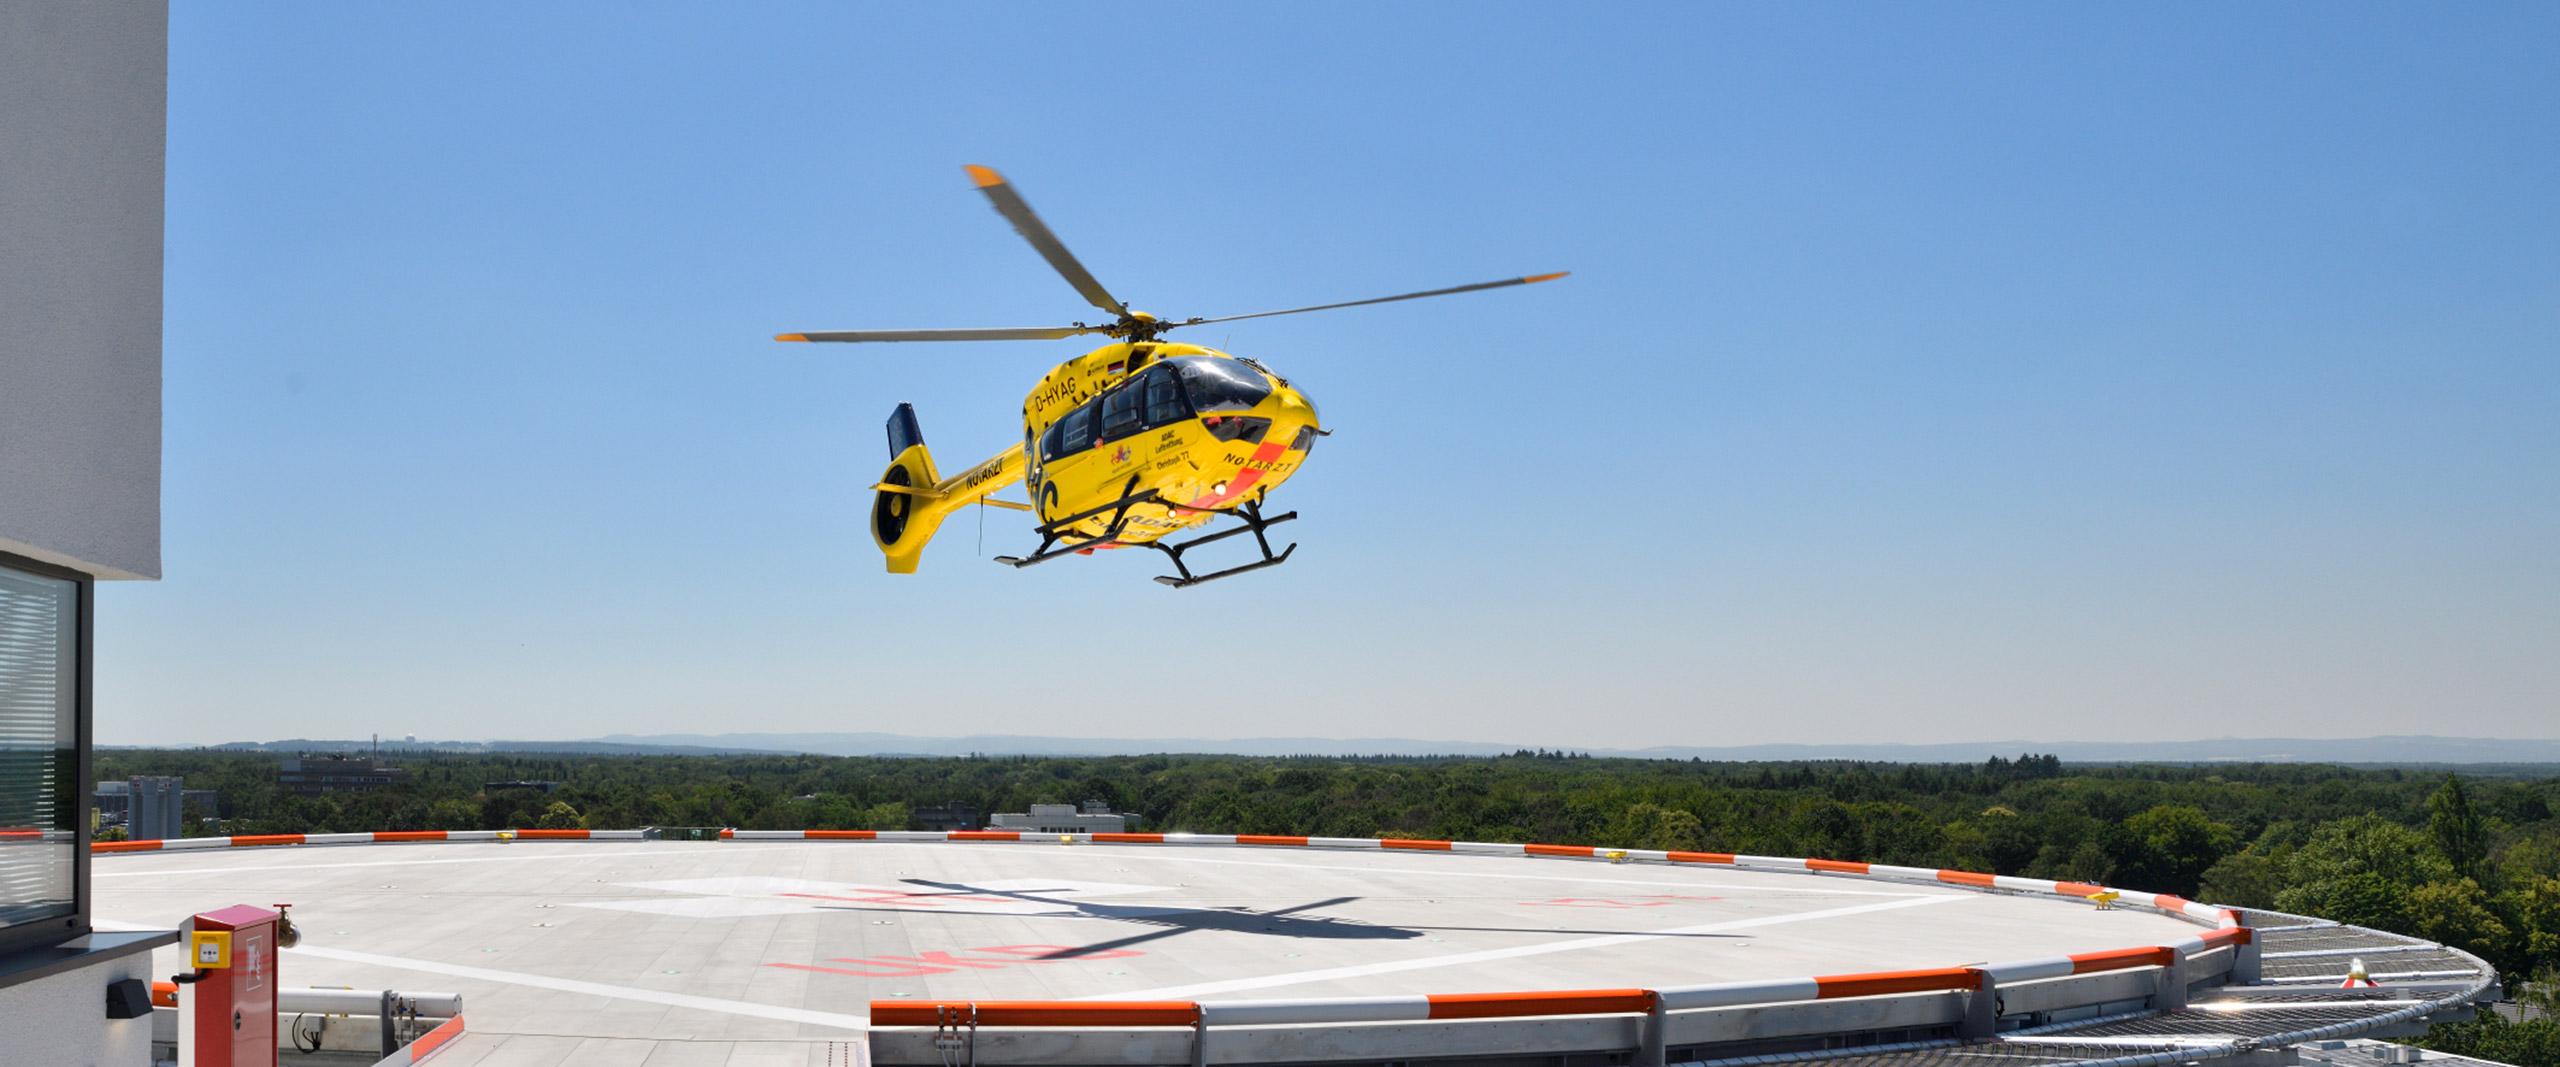 Neuer Hubschrauberlandeplatz auf dem Dach des Bonner Universitätsklinikums in Betrieb